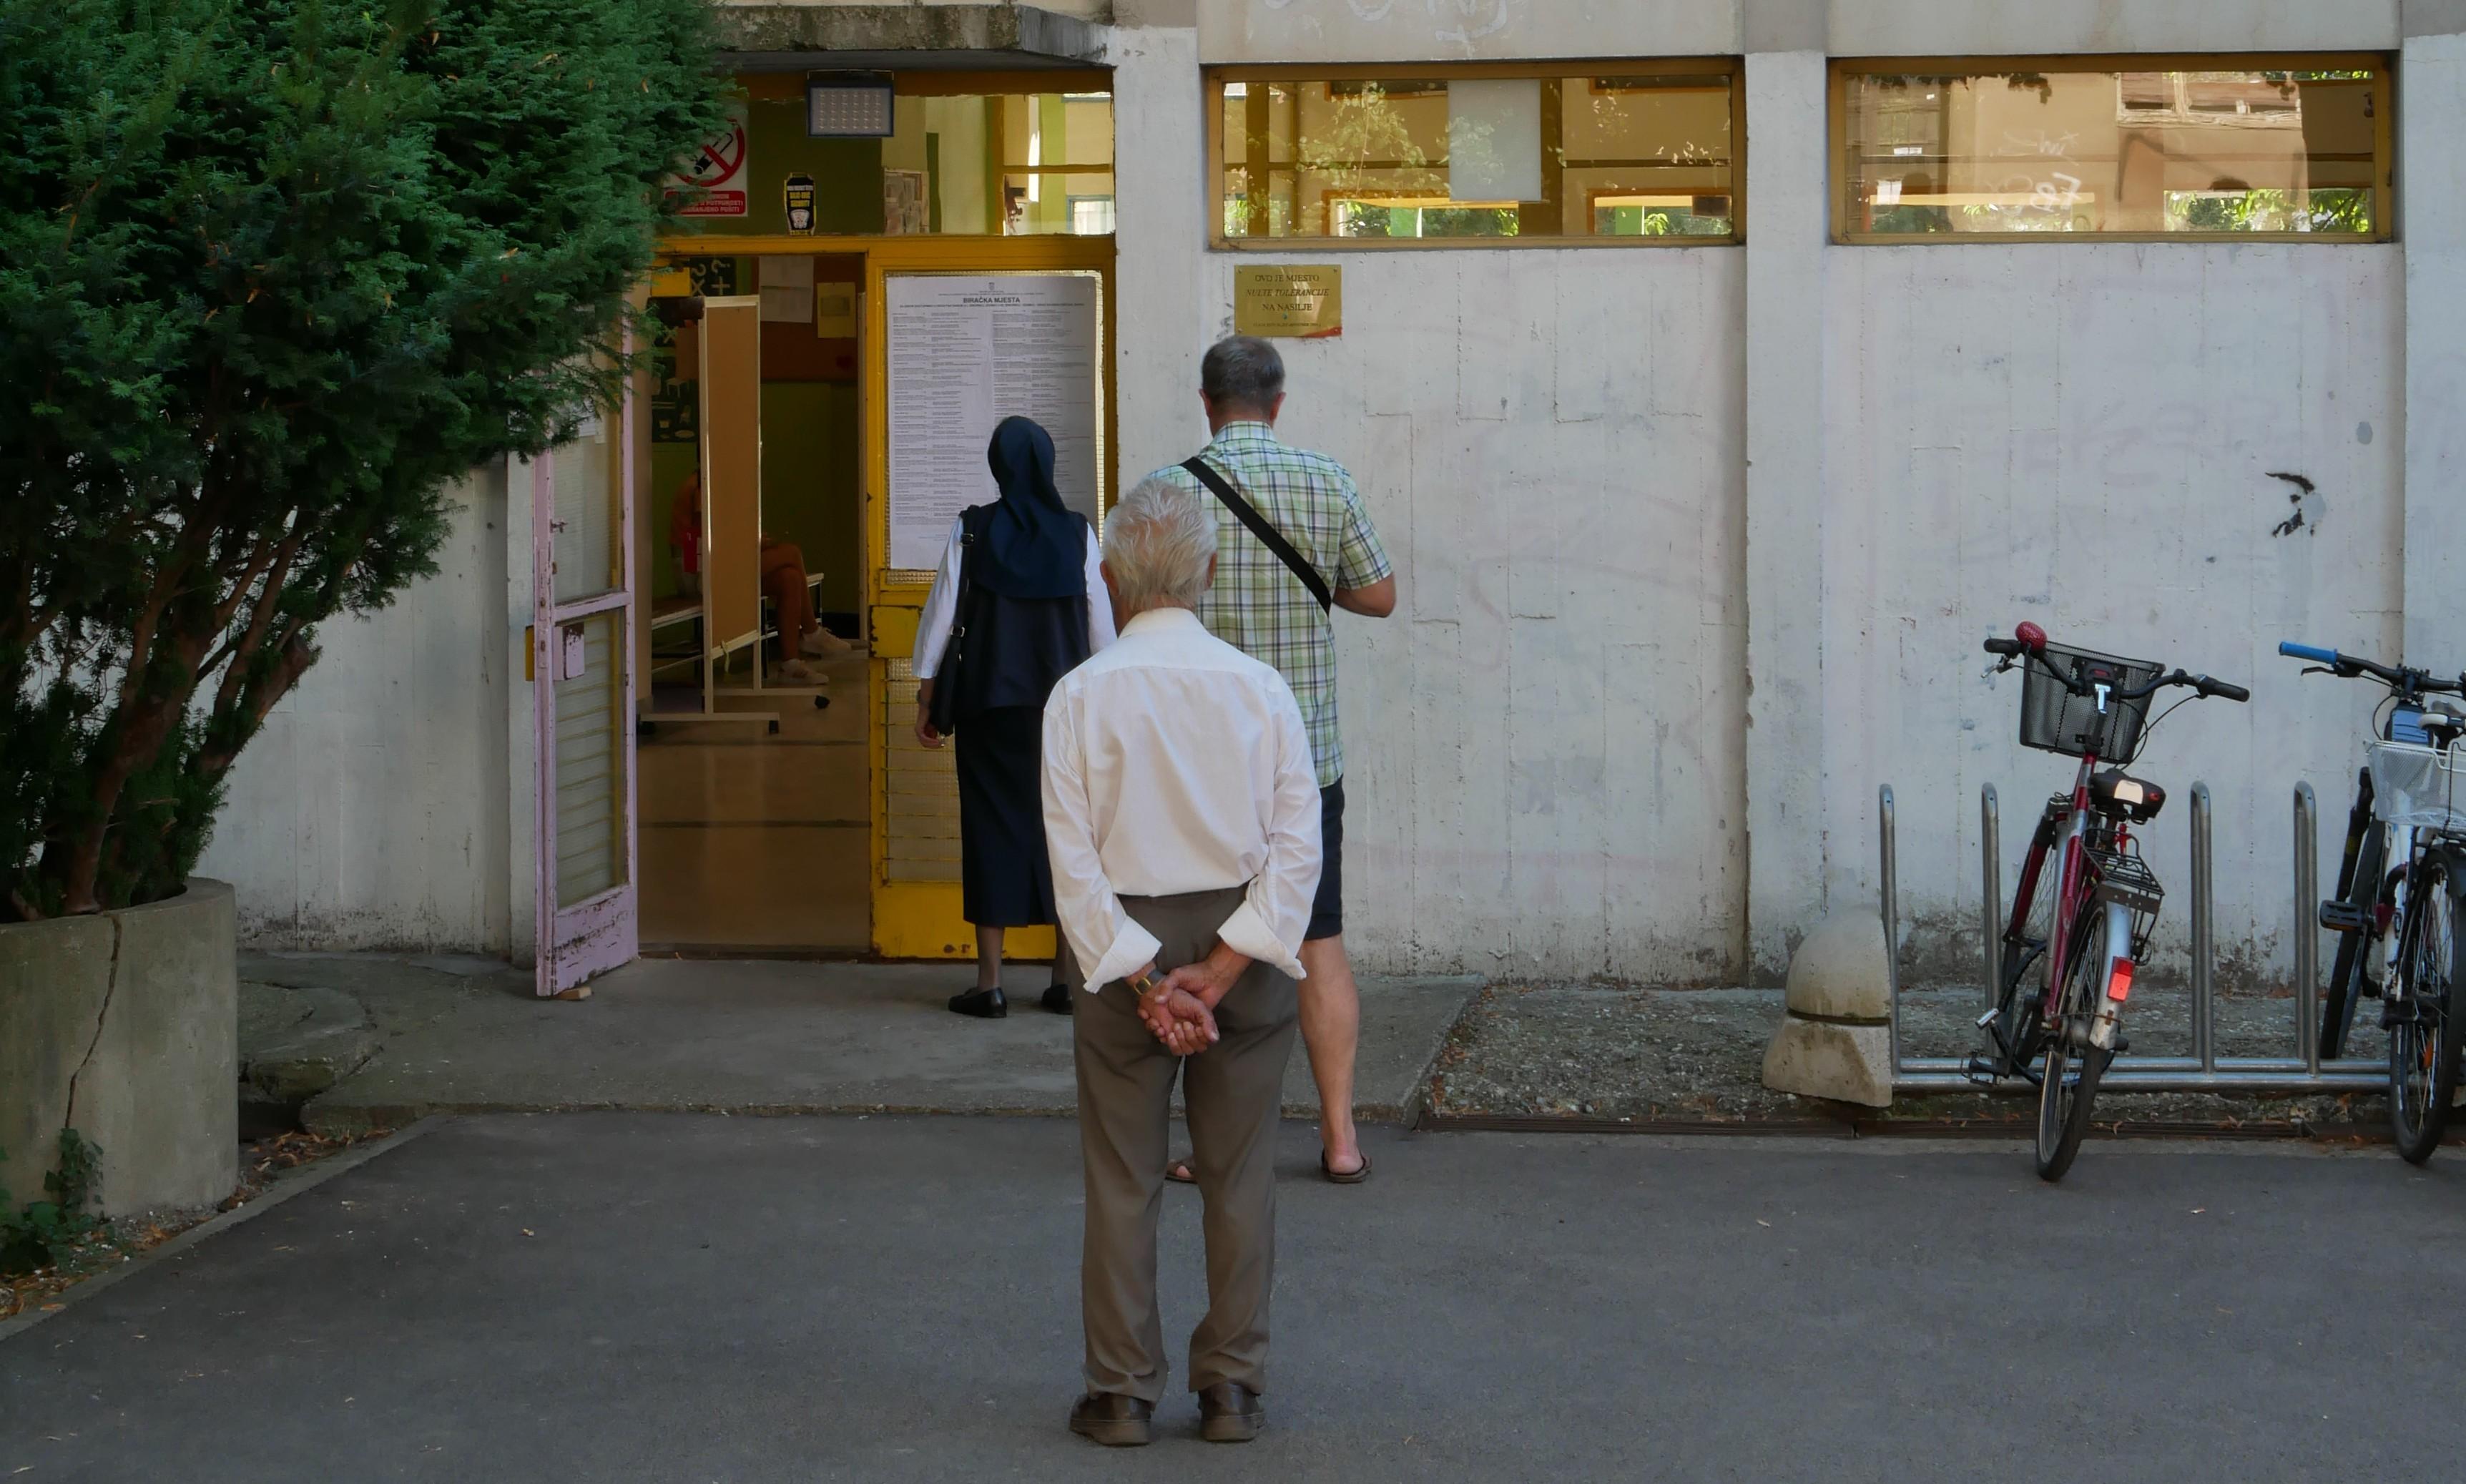 Parlamentarni izbori u Hrvatskoj: Uvjerljiva pobjeda HDZ-a, na pomolu je desničarska koalicija?